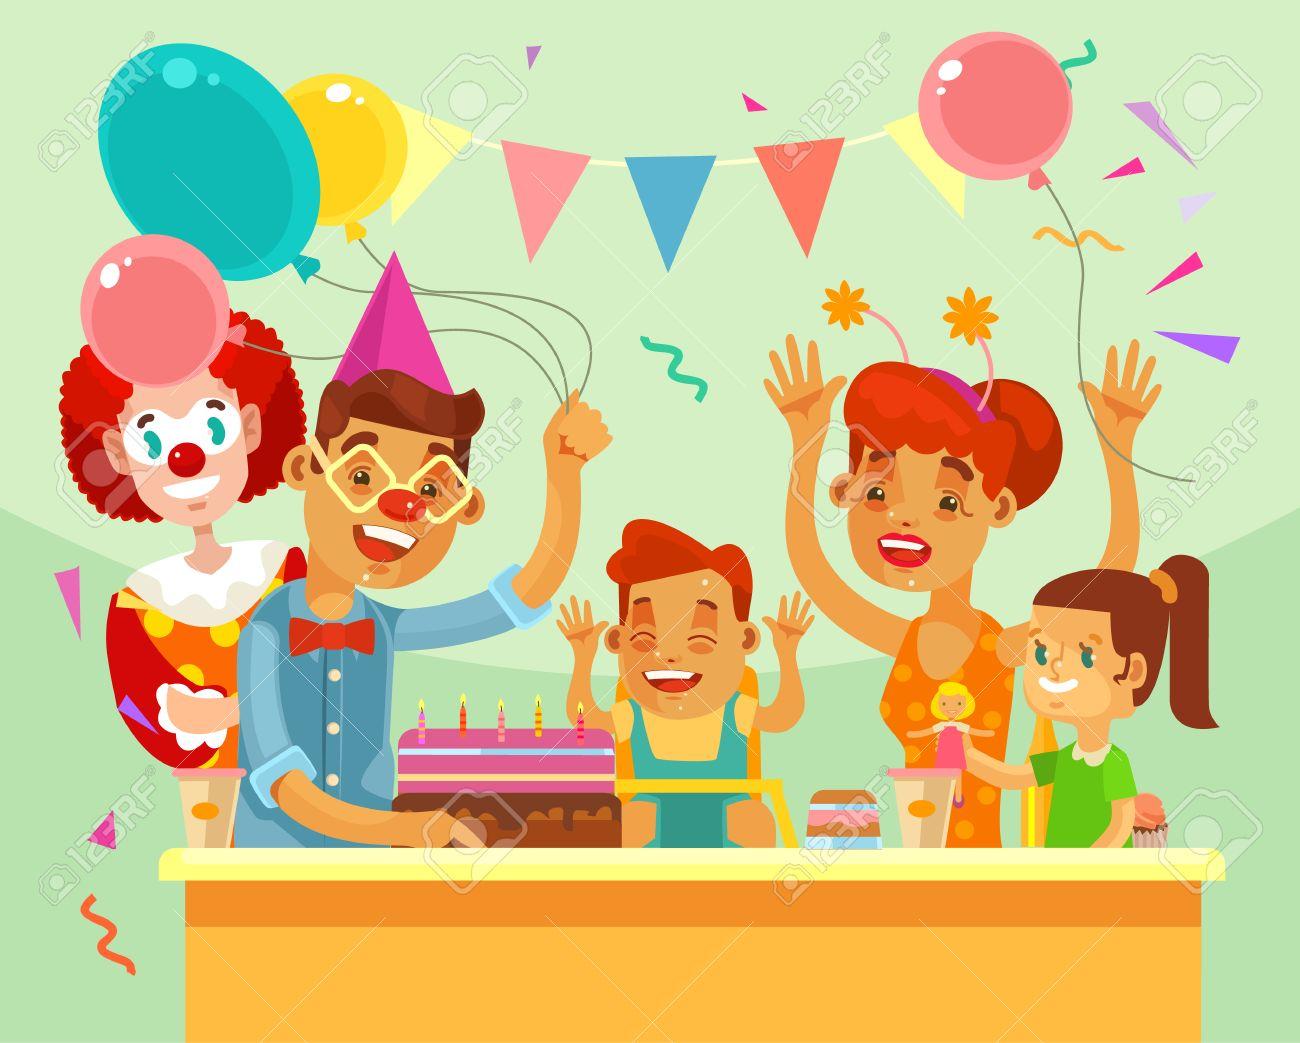 Los Ninos Feliz Cumpleanos Fiesta Familiar Ilustracion De Dibujos